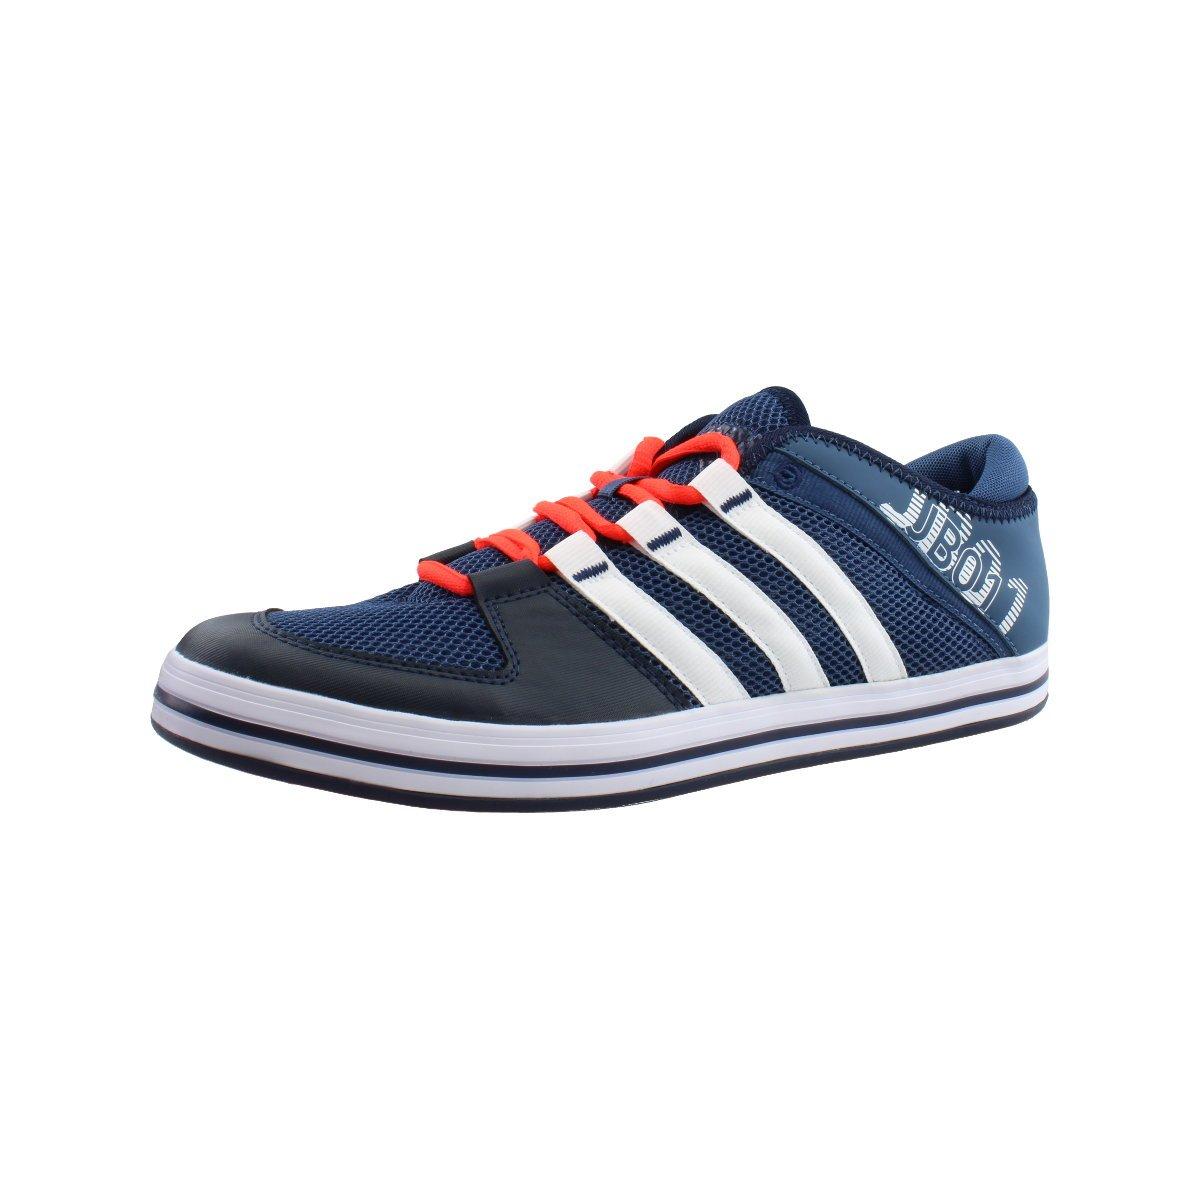 adidas Schuhe JB01 Navy  Billig und erschwinglich Im Verkauf